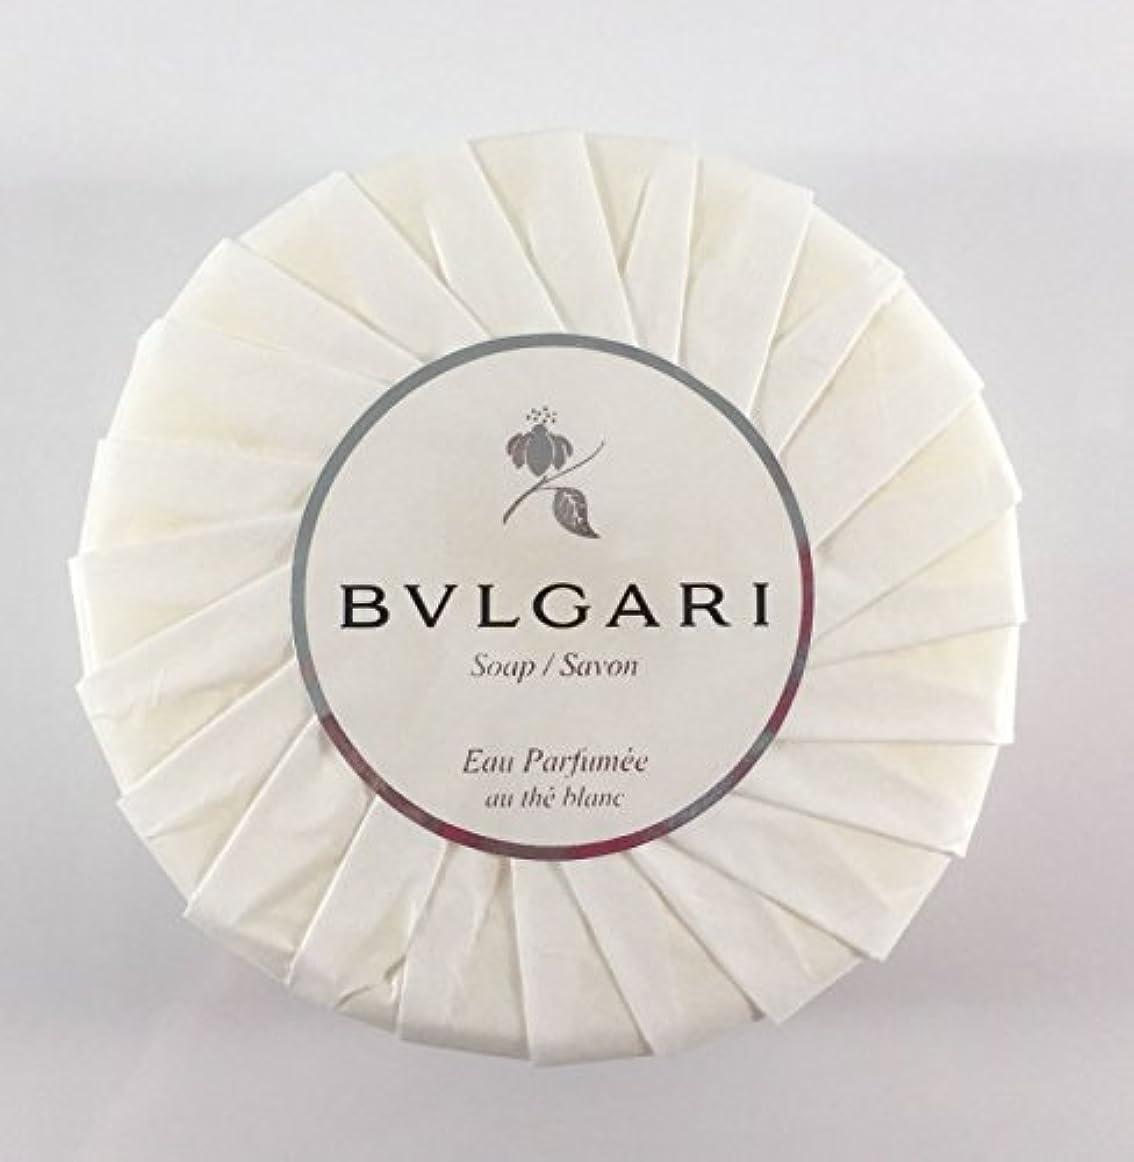 書士キャリアブートブルガリ オ?パフメ オーテブラン デラックスソープ150g BVLGARI Bvlgari Eau Parfumee au the blanc White Soap